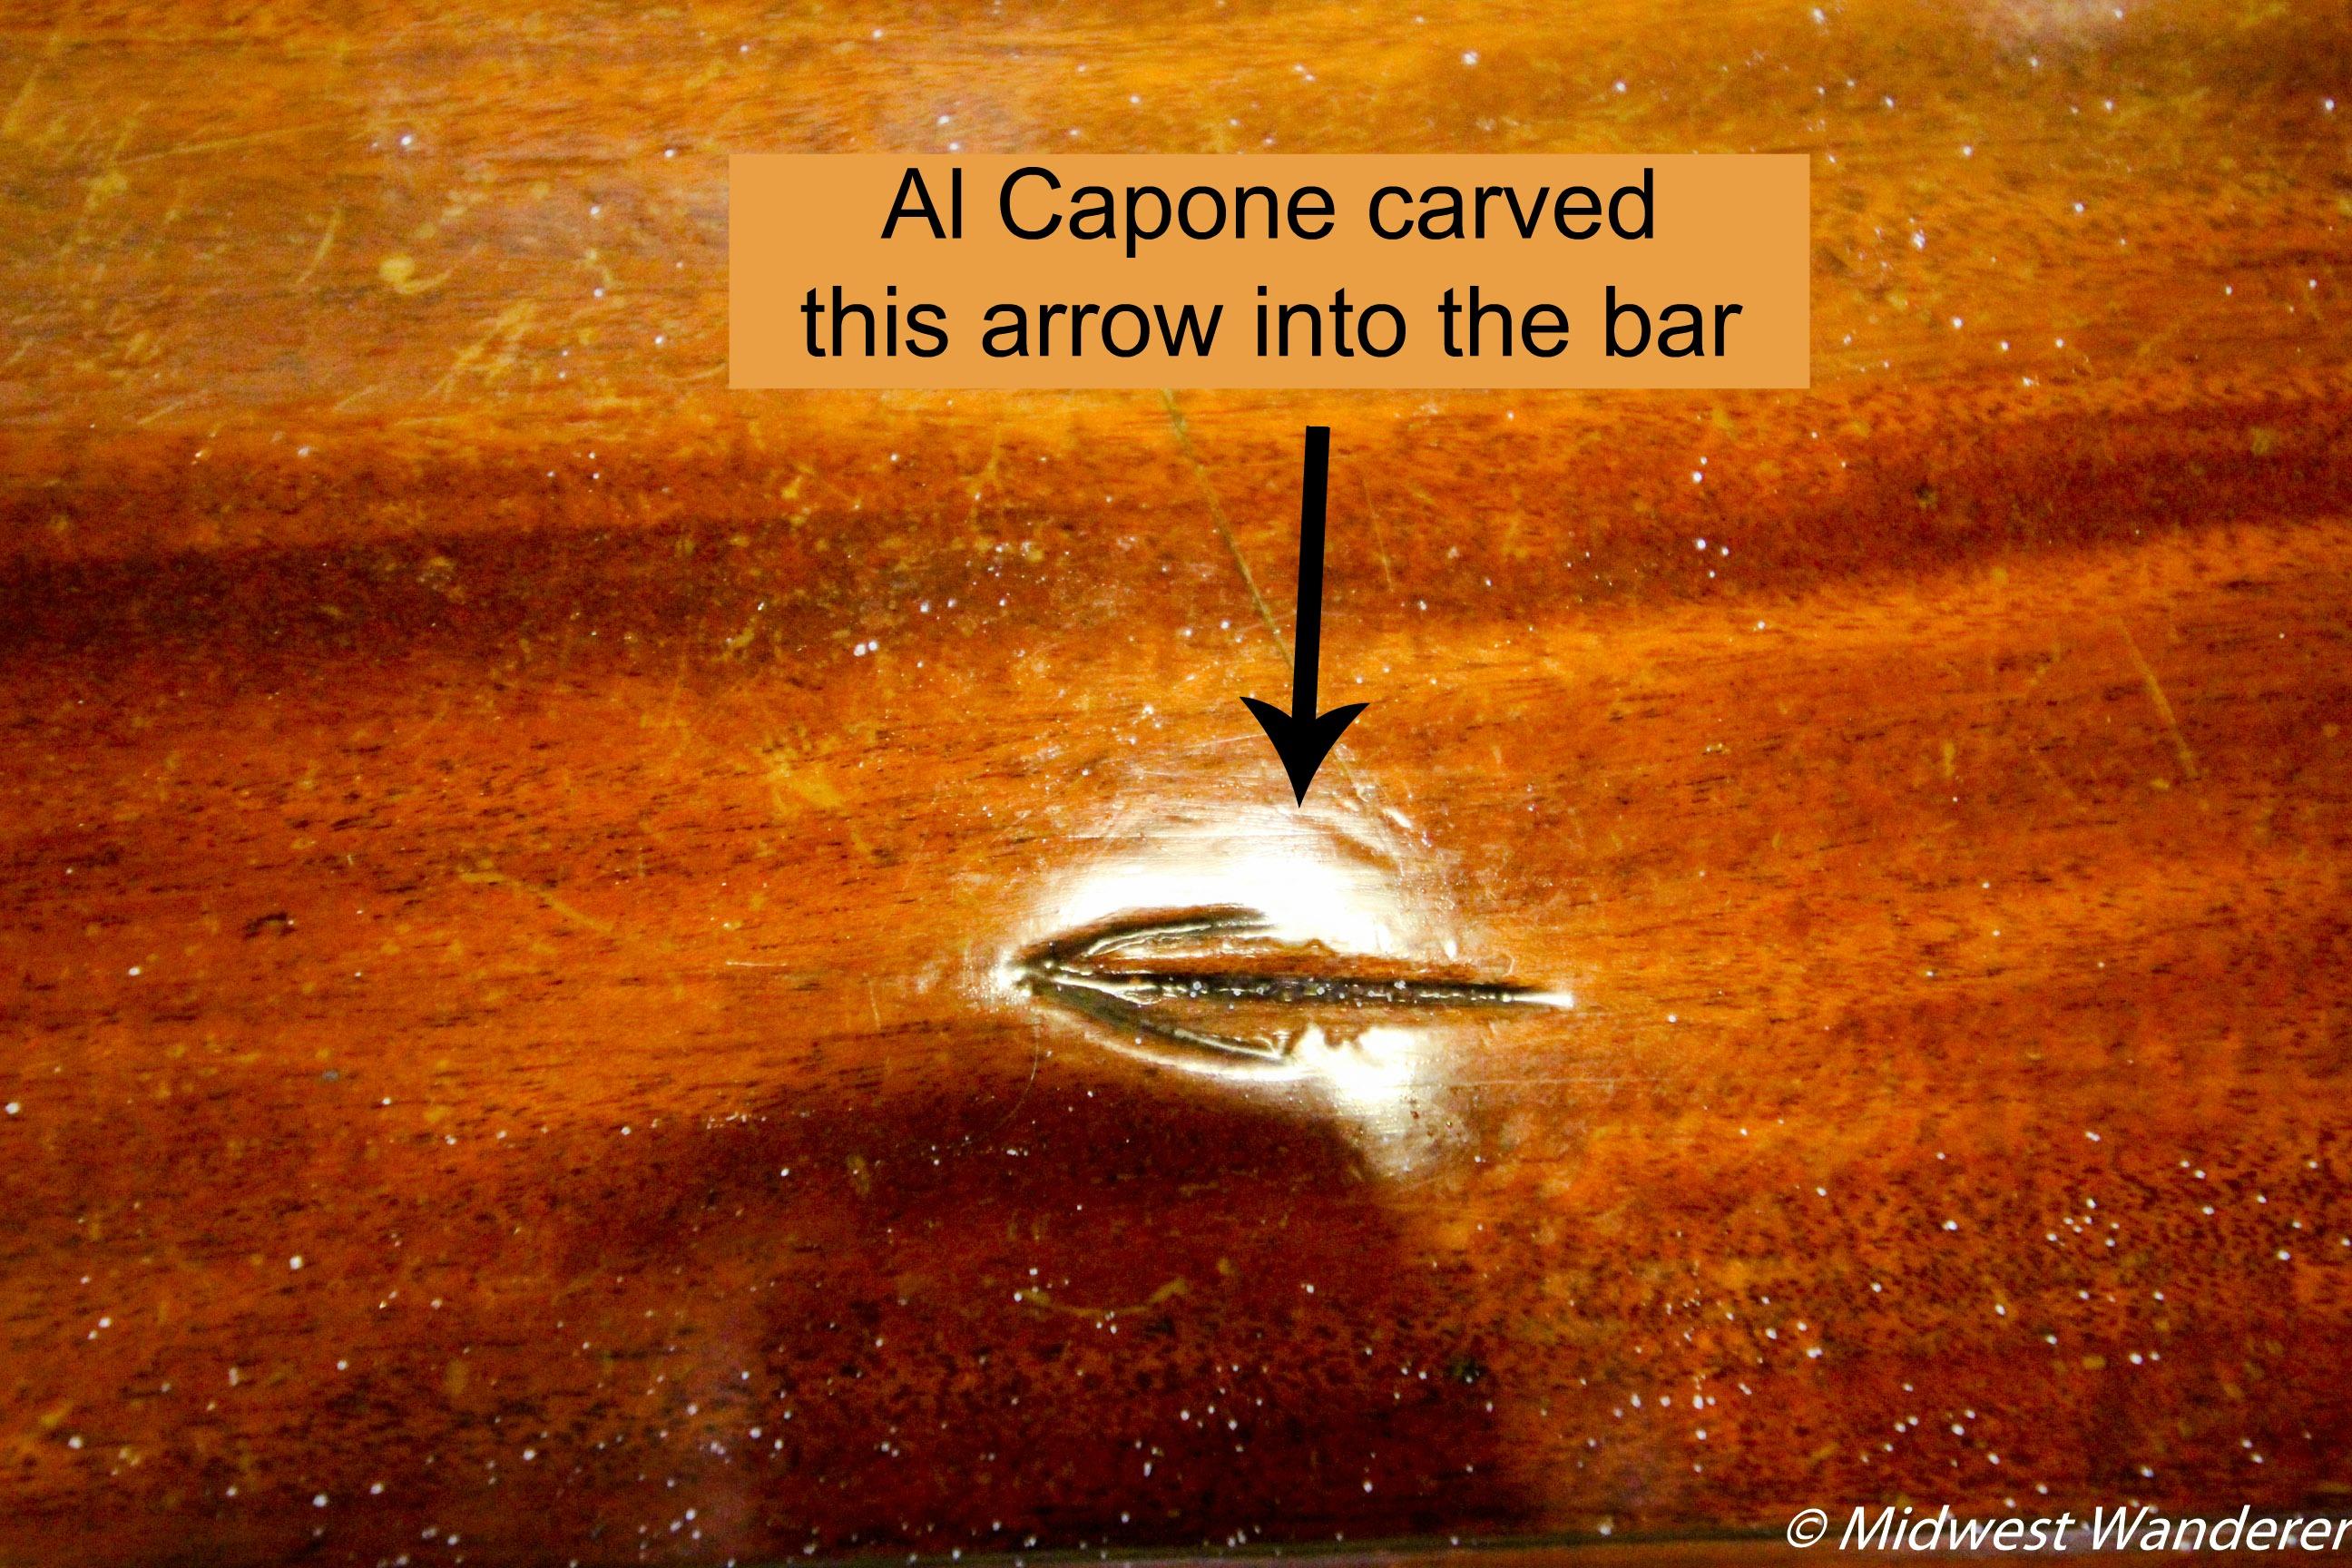 Al Capone carved arrow into bar